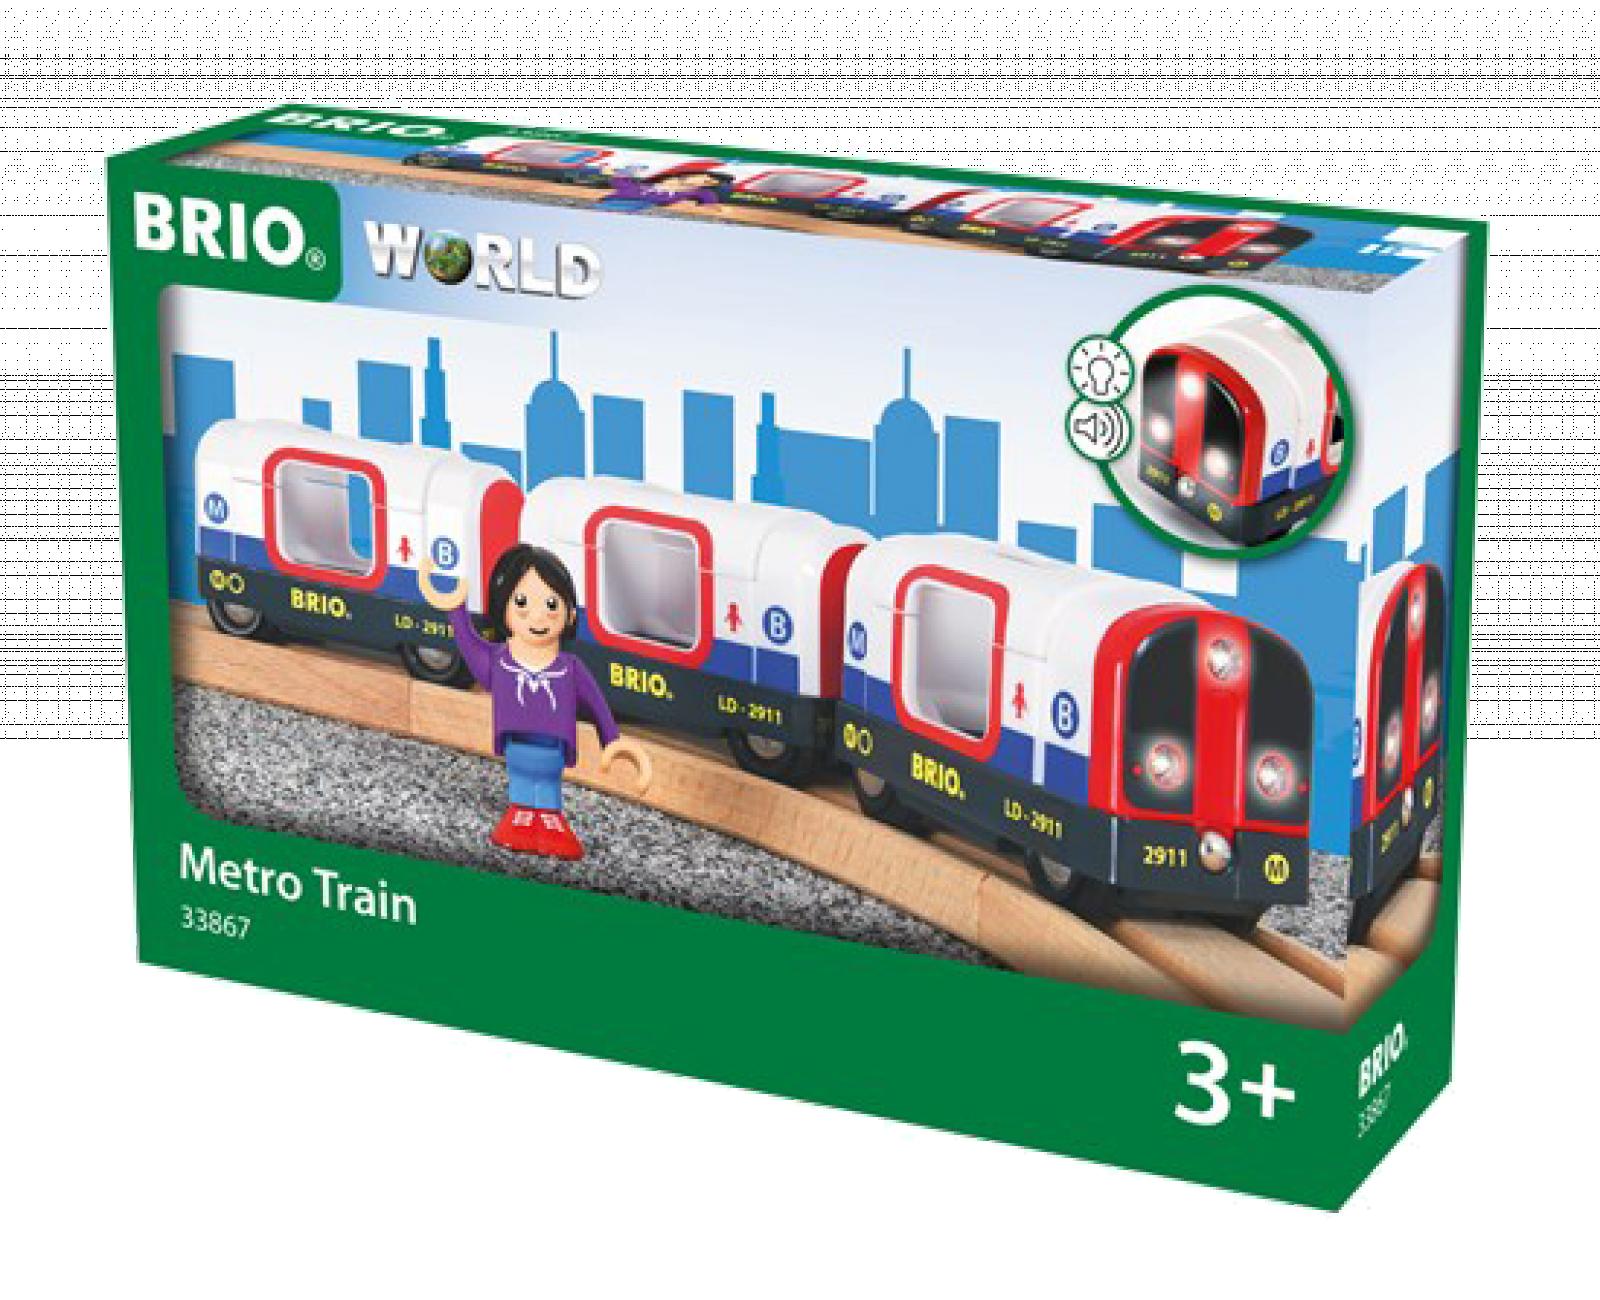 Metro Train BRIO® Wooden Railway Age 3+ thumbnails